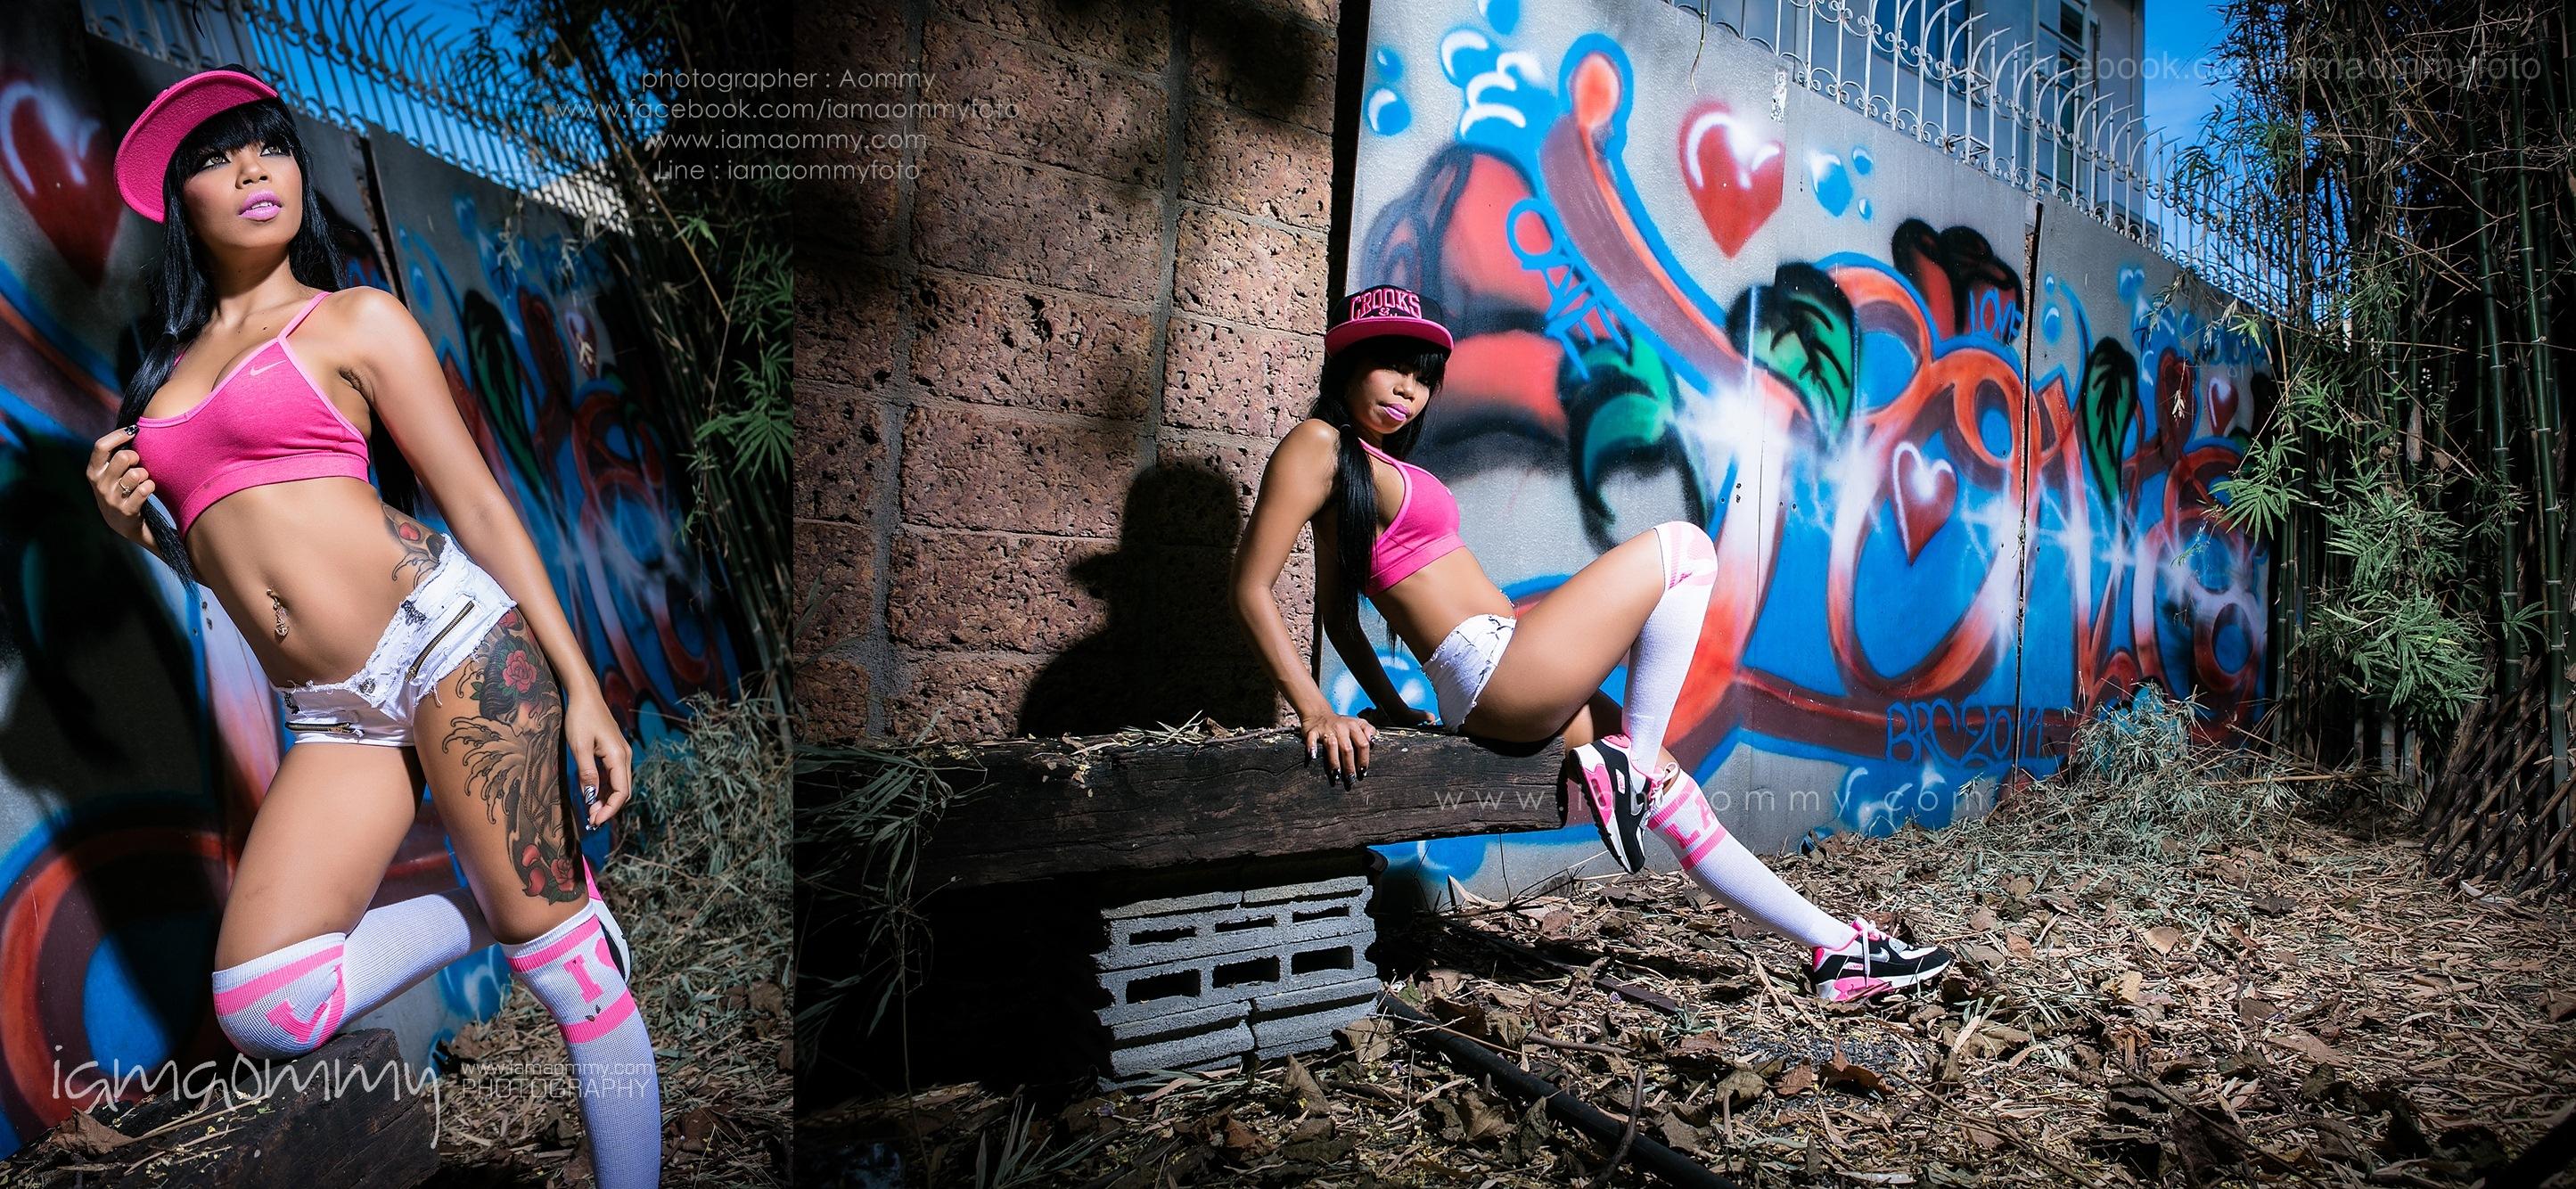 ถ่ายรูปเซ็กซี่_sexy-hiphop-2